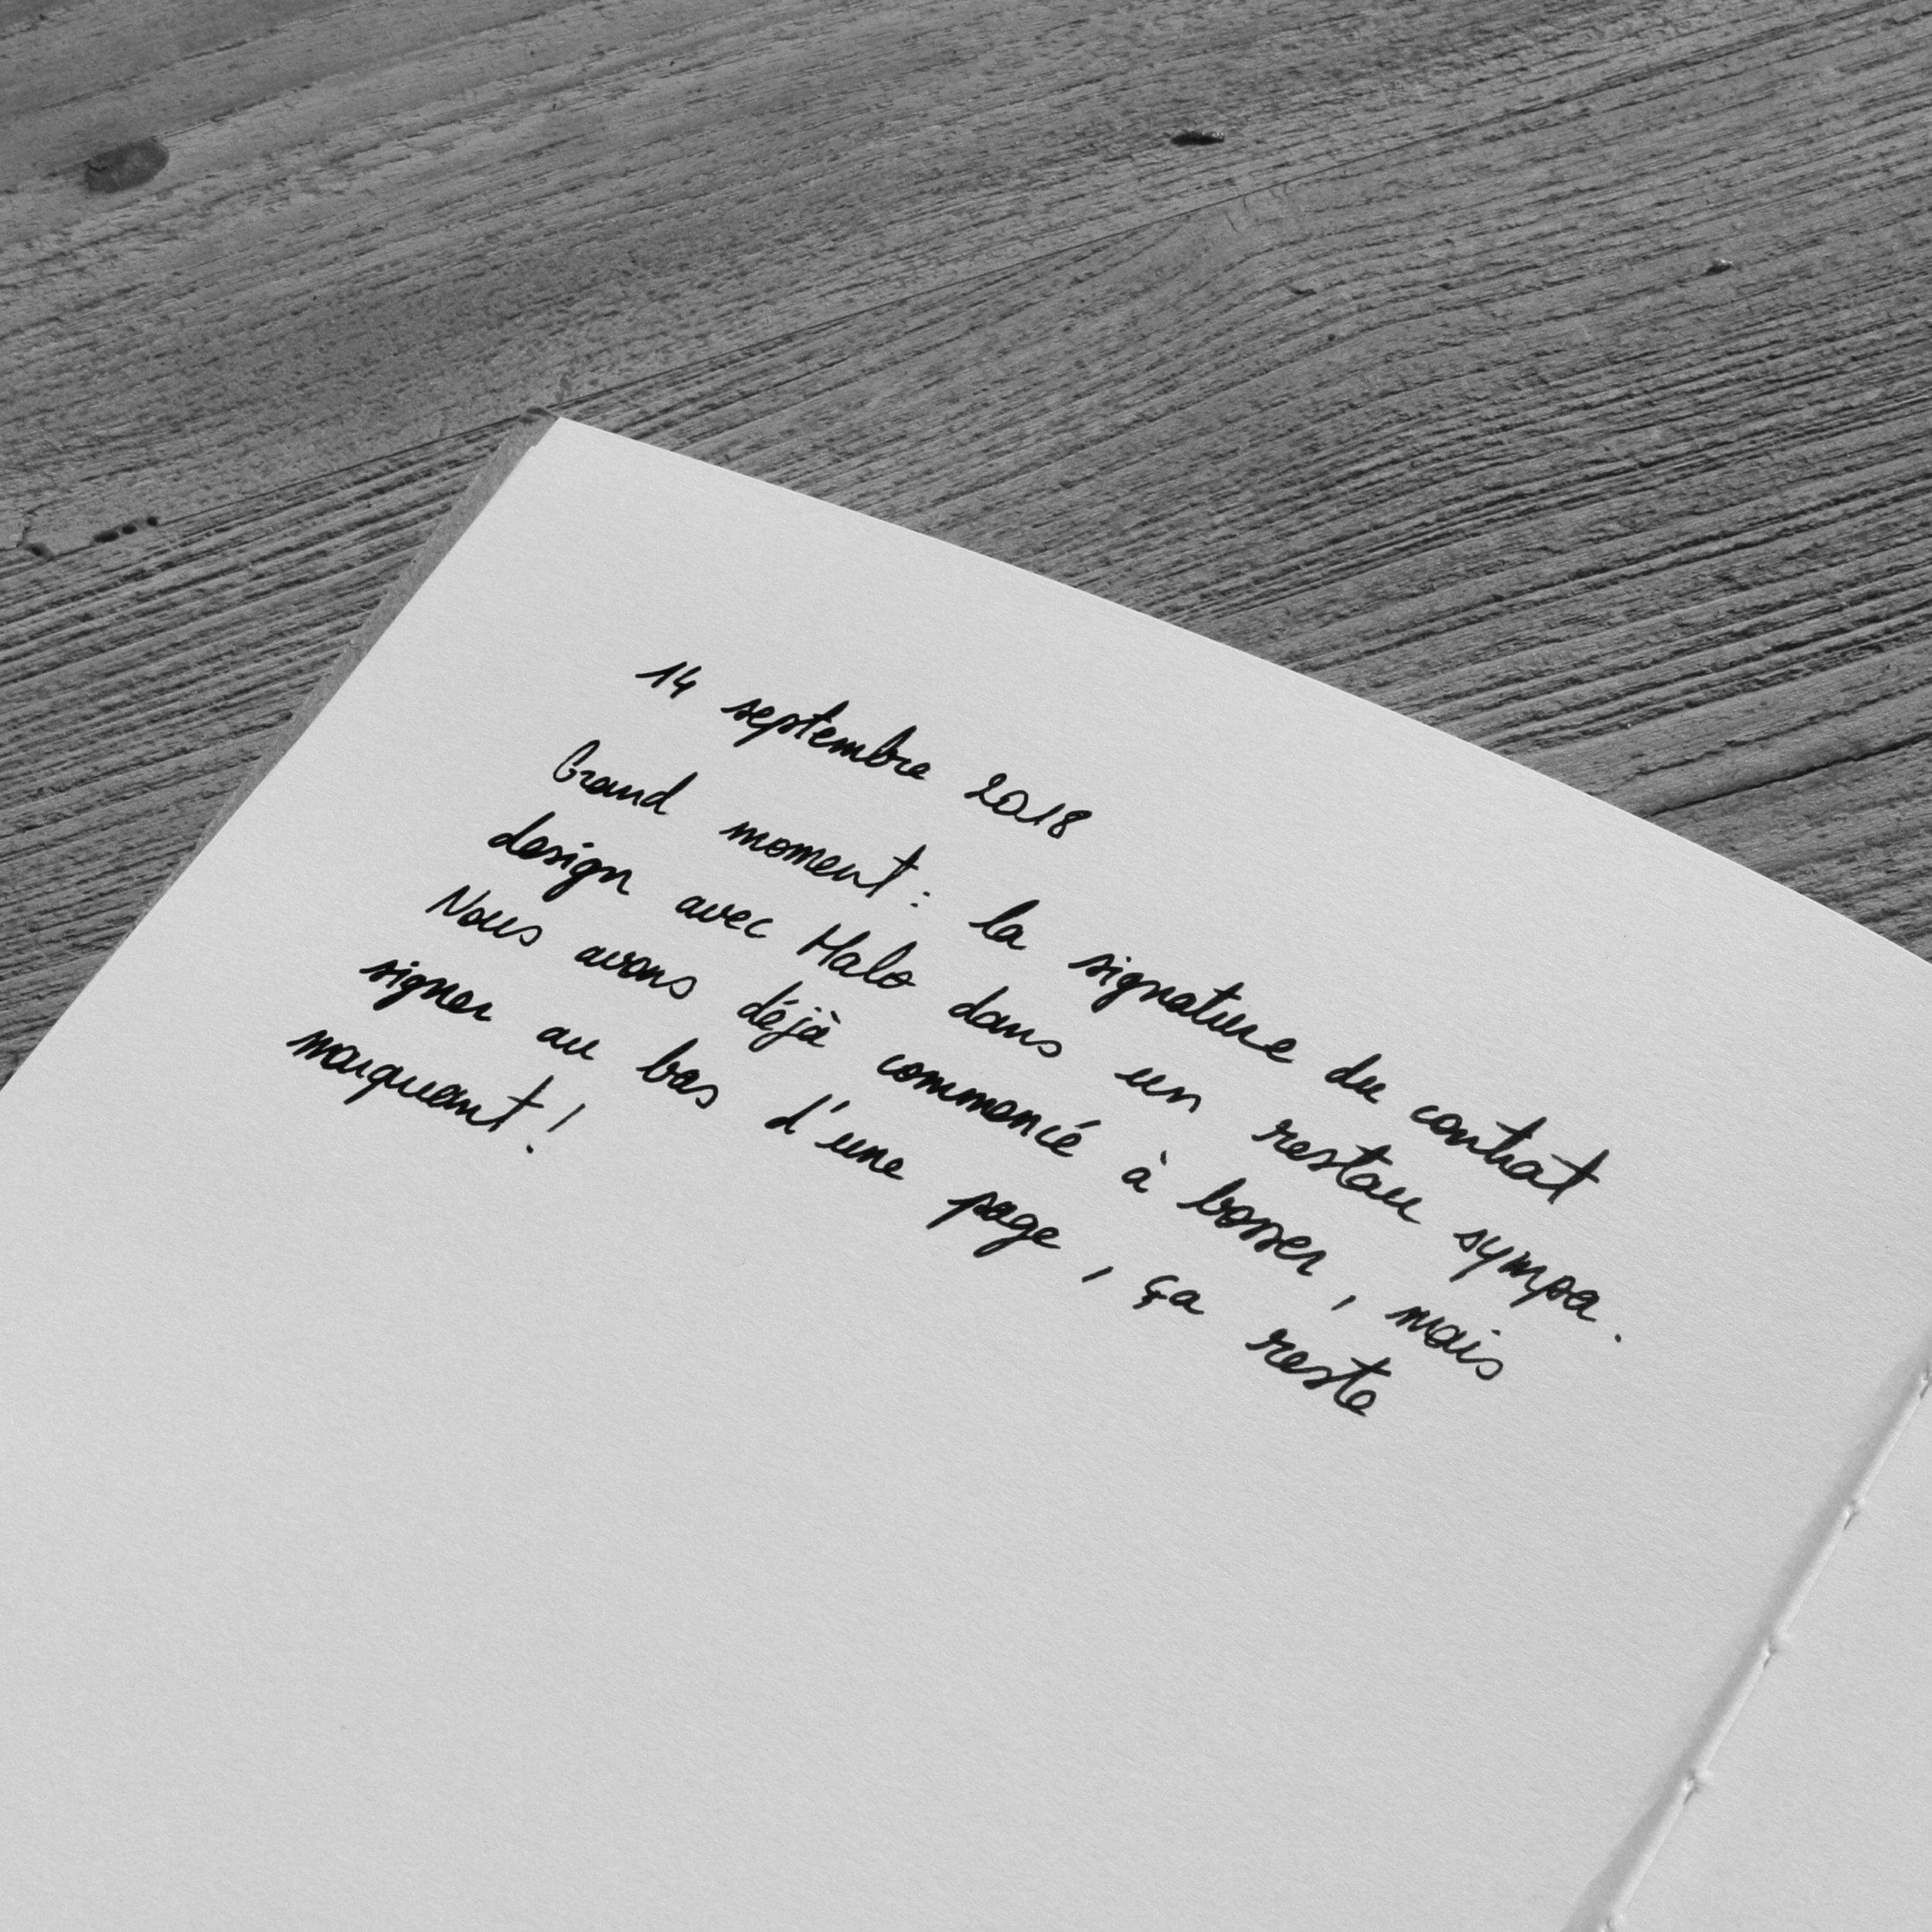 riskers_diary_07_FR.jpg